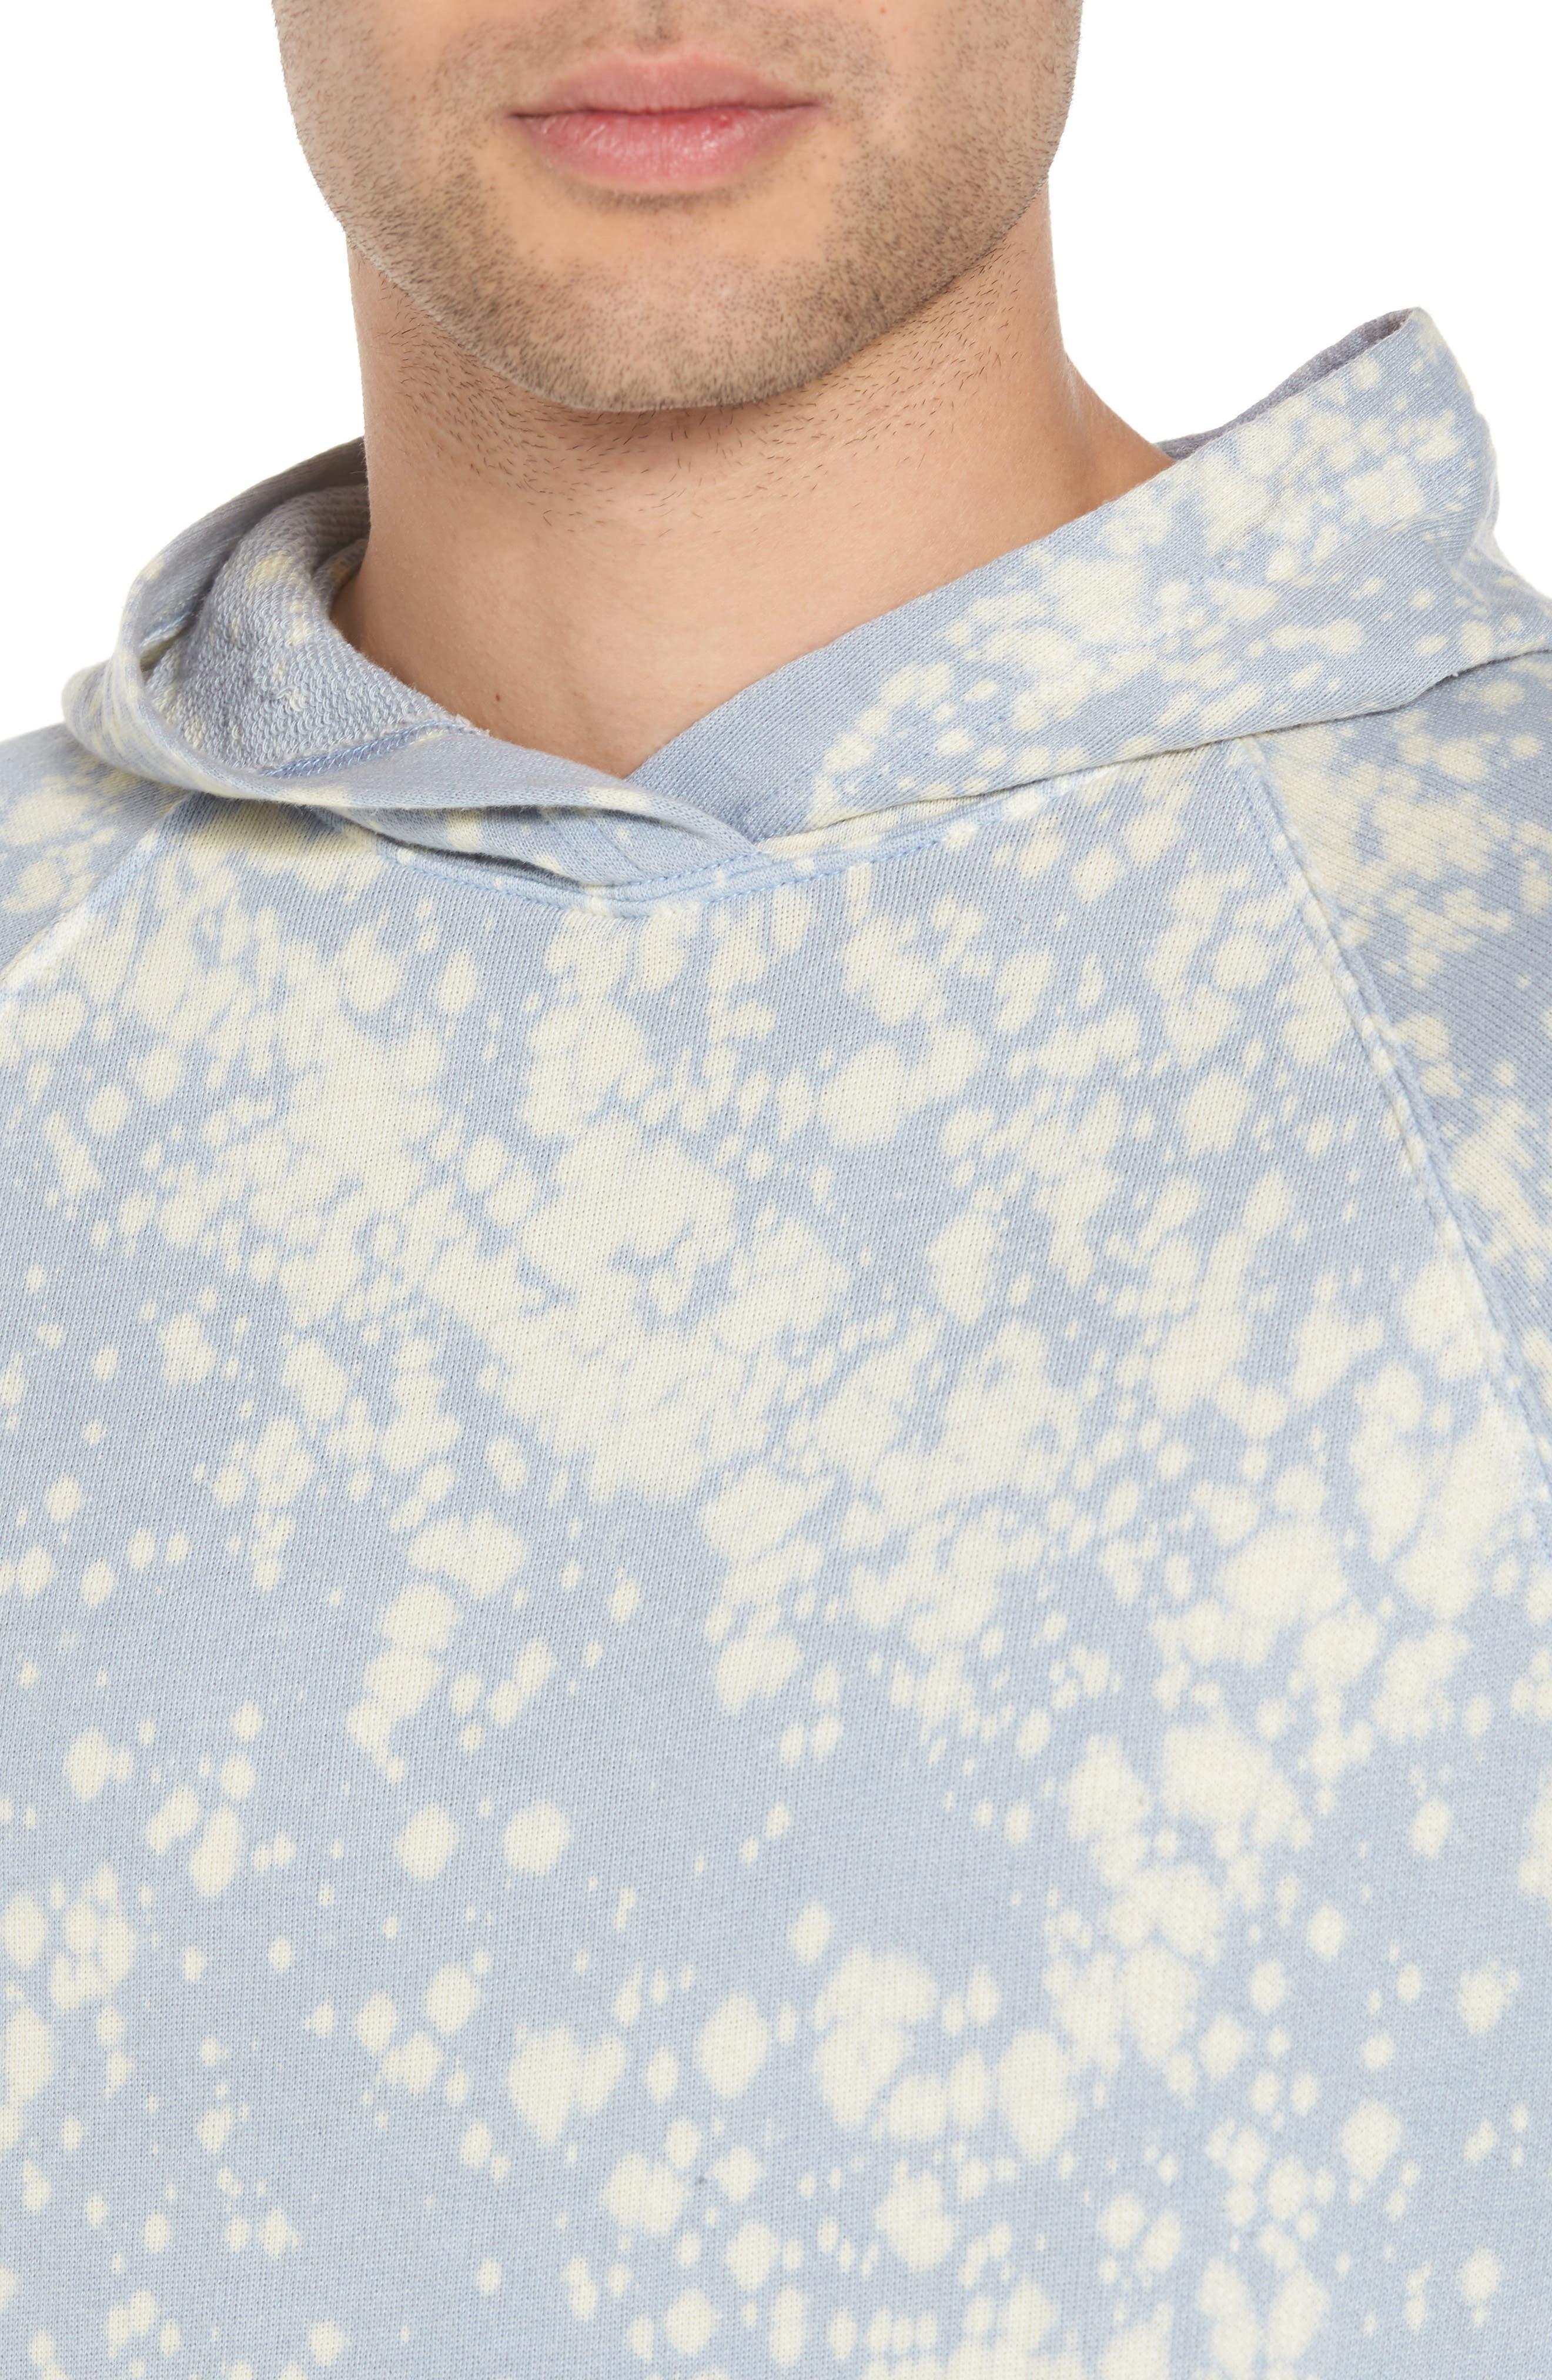 Bleached Hoodie Sweatshirt,                             Alternate thumbnail 4, color,                             450